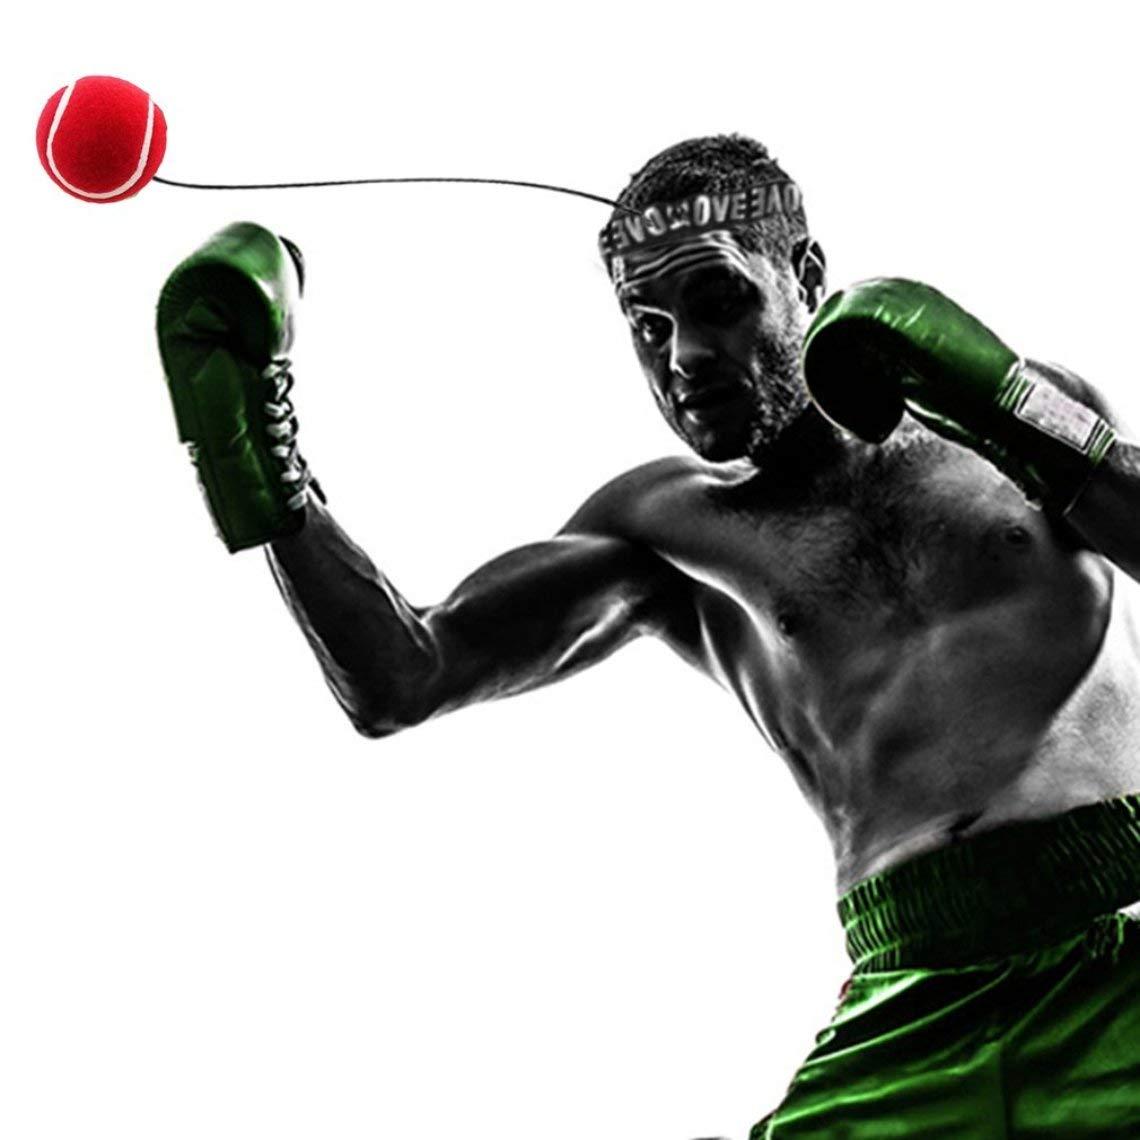 Zinniaya Eubi E301 Equipo de Pelotas de Boxeo con Banda para la Cabeza para Entrenamiento de Velocidad de Reflejos Boxeo Punch Accesorios para Ejercicios Deportivos tailandeses